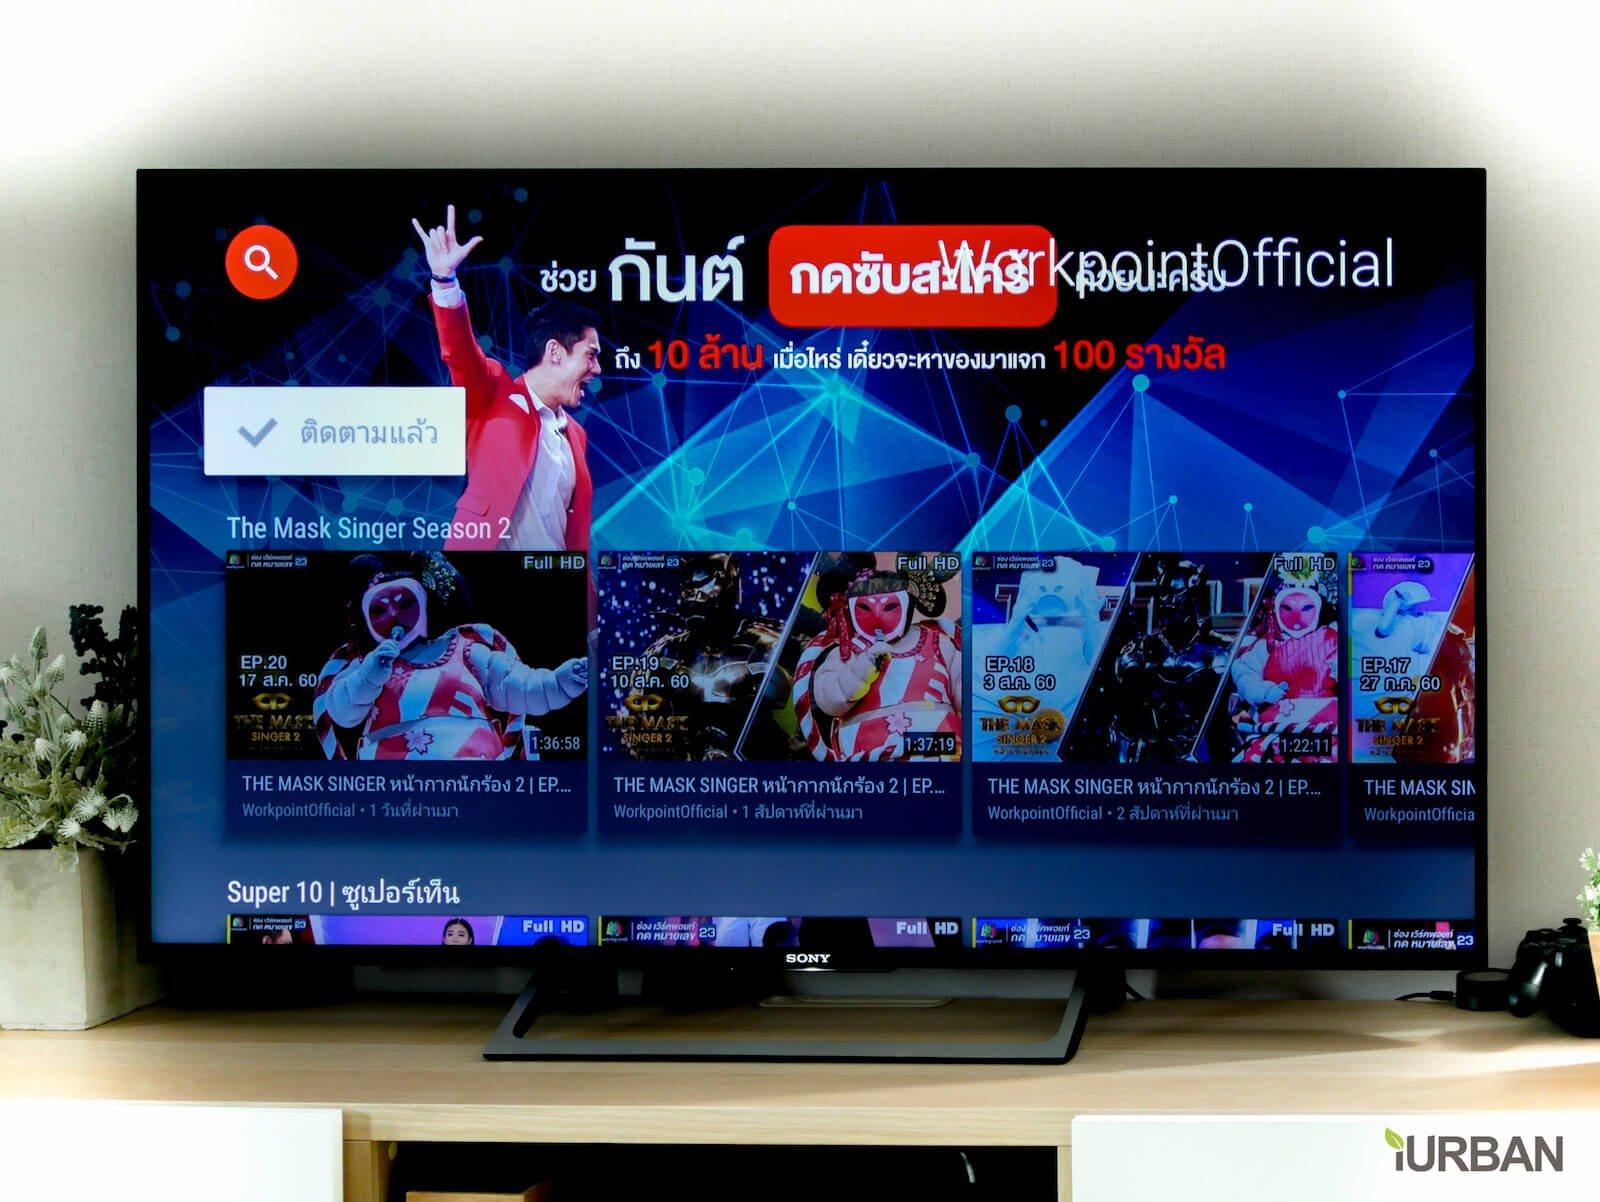 SONY X8500E 4K-HDR Android TV นวัตกรรมที่จะเปลี่ยนชีวิตกับทีวี ให้ไม่เหมือนเดิมอีกต่อไป 44 - Android